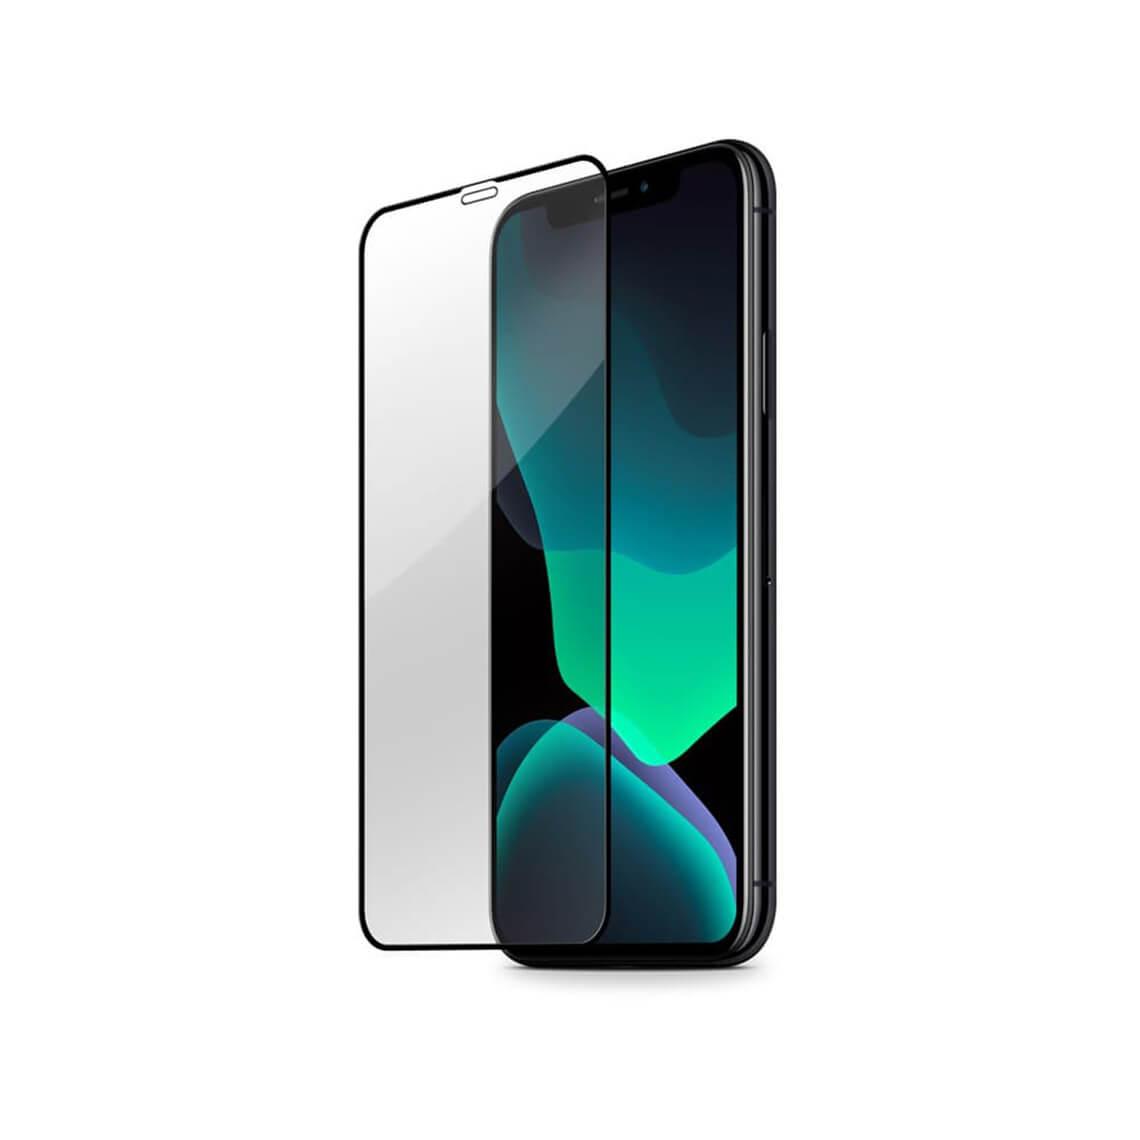 محافظ صفحه نمایش بلینکس Lumino برای iPhone 12/12 Pro